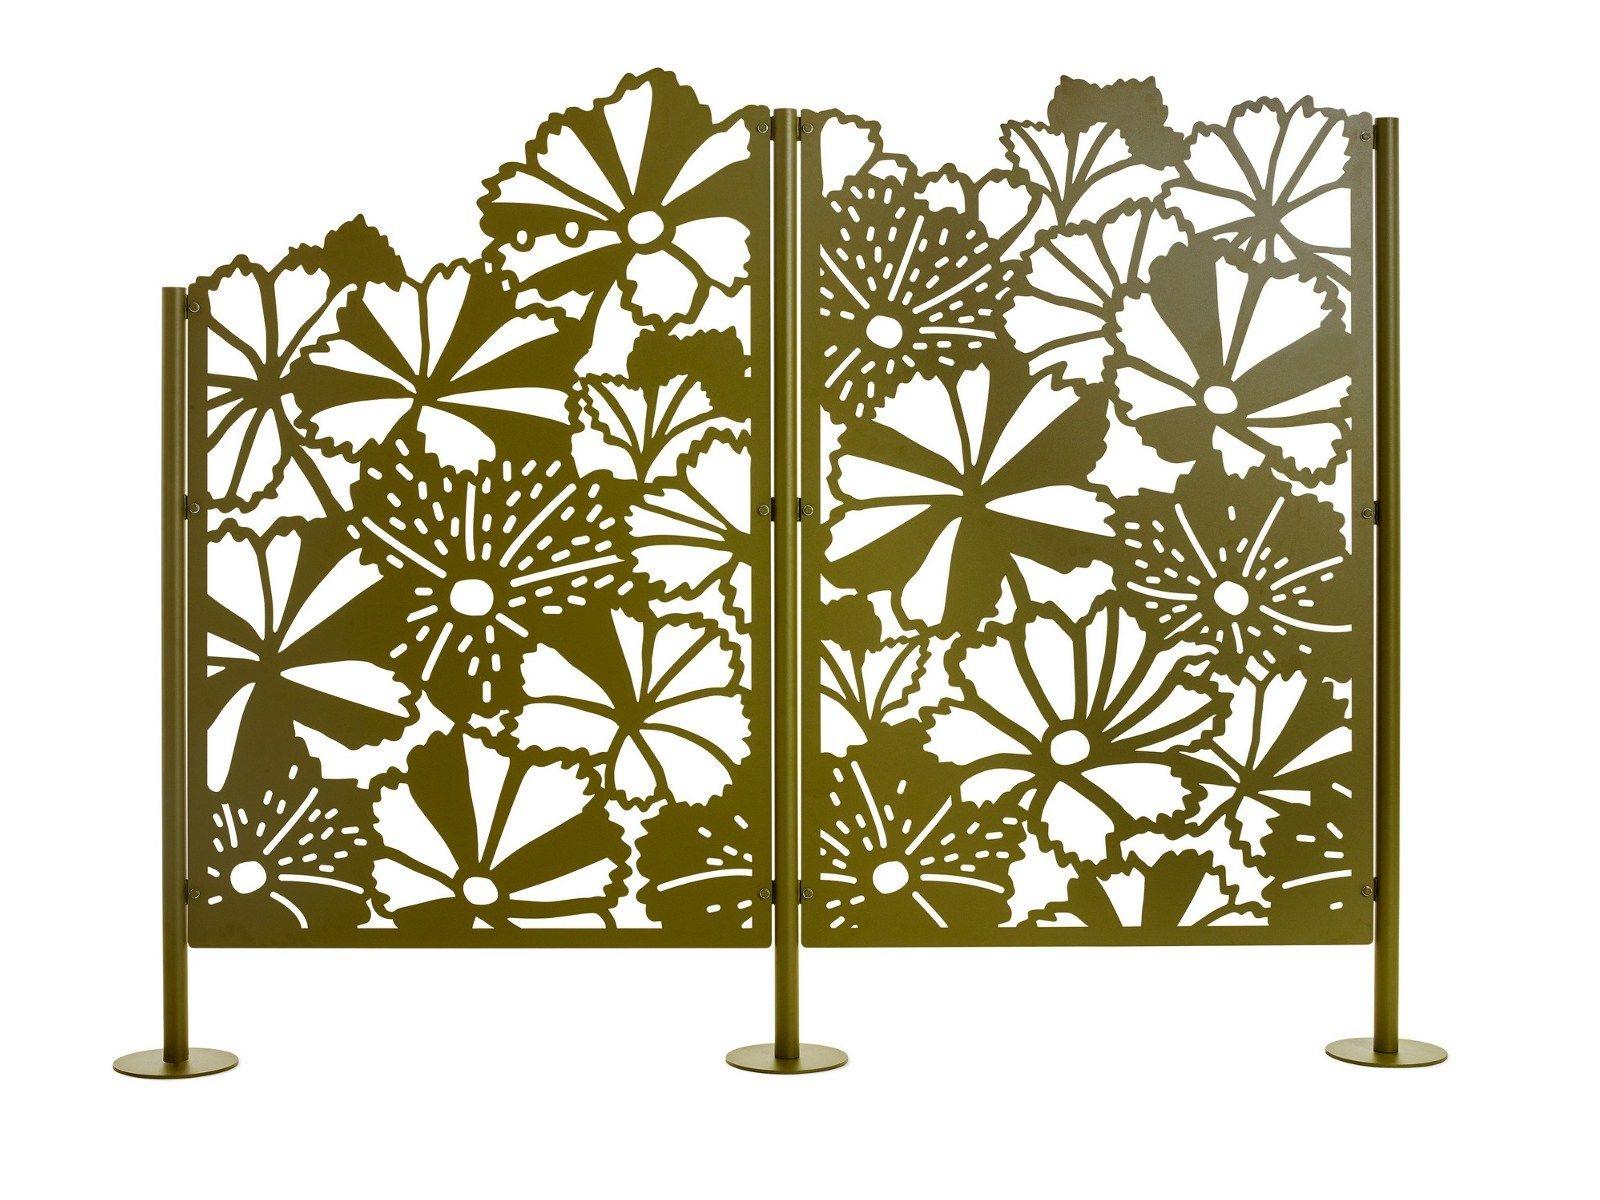 Schermo divisorio da giardino in acciaio verniciato a for Divisori da giardino